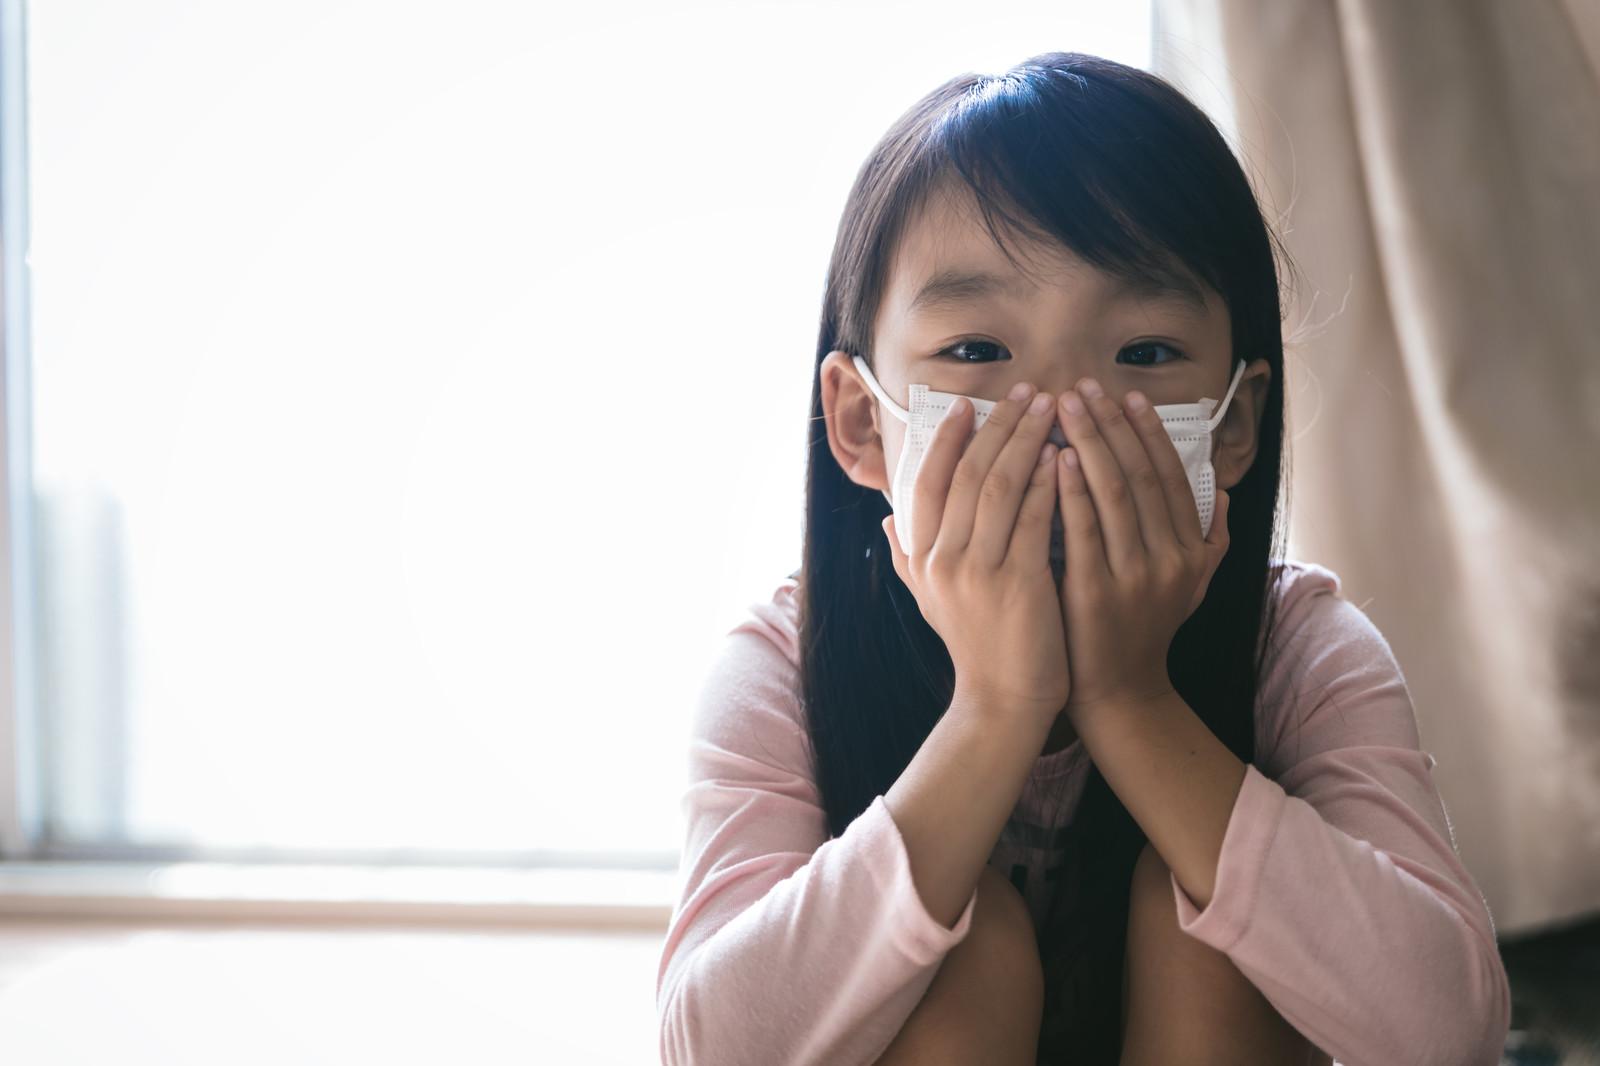 【健康 新型コロナウイルス】新型コロナを分析してわかった最大の対策